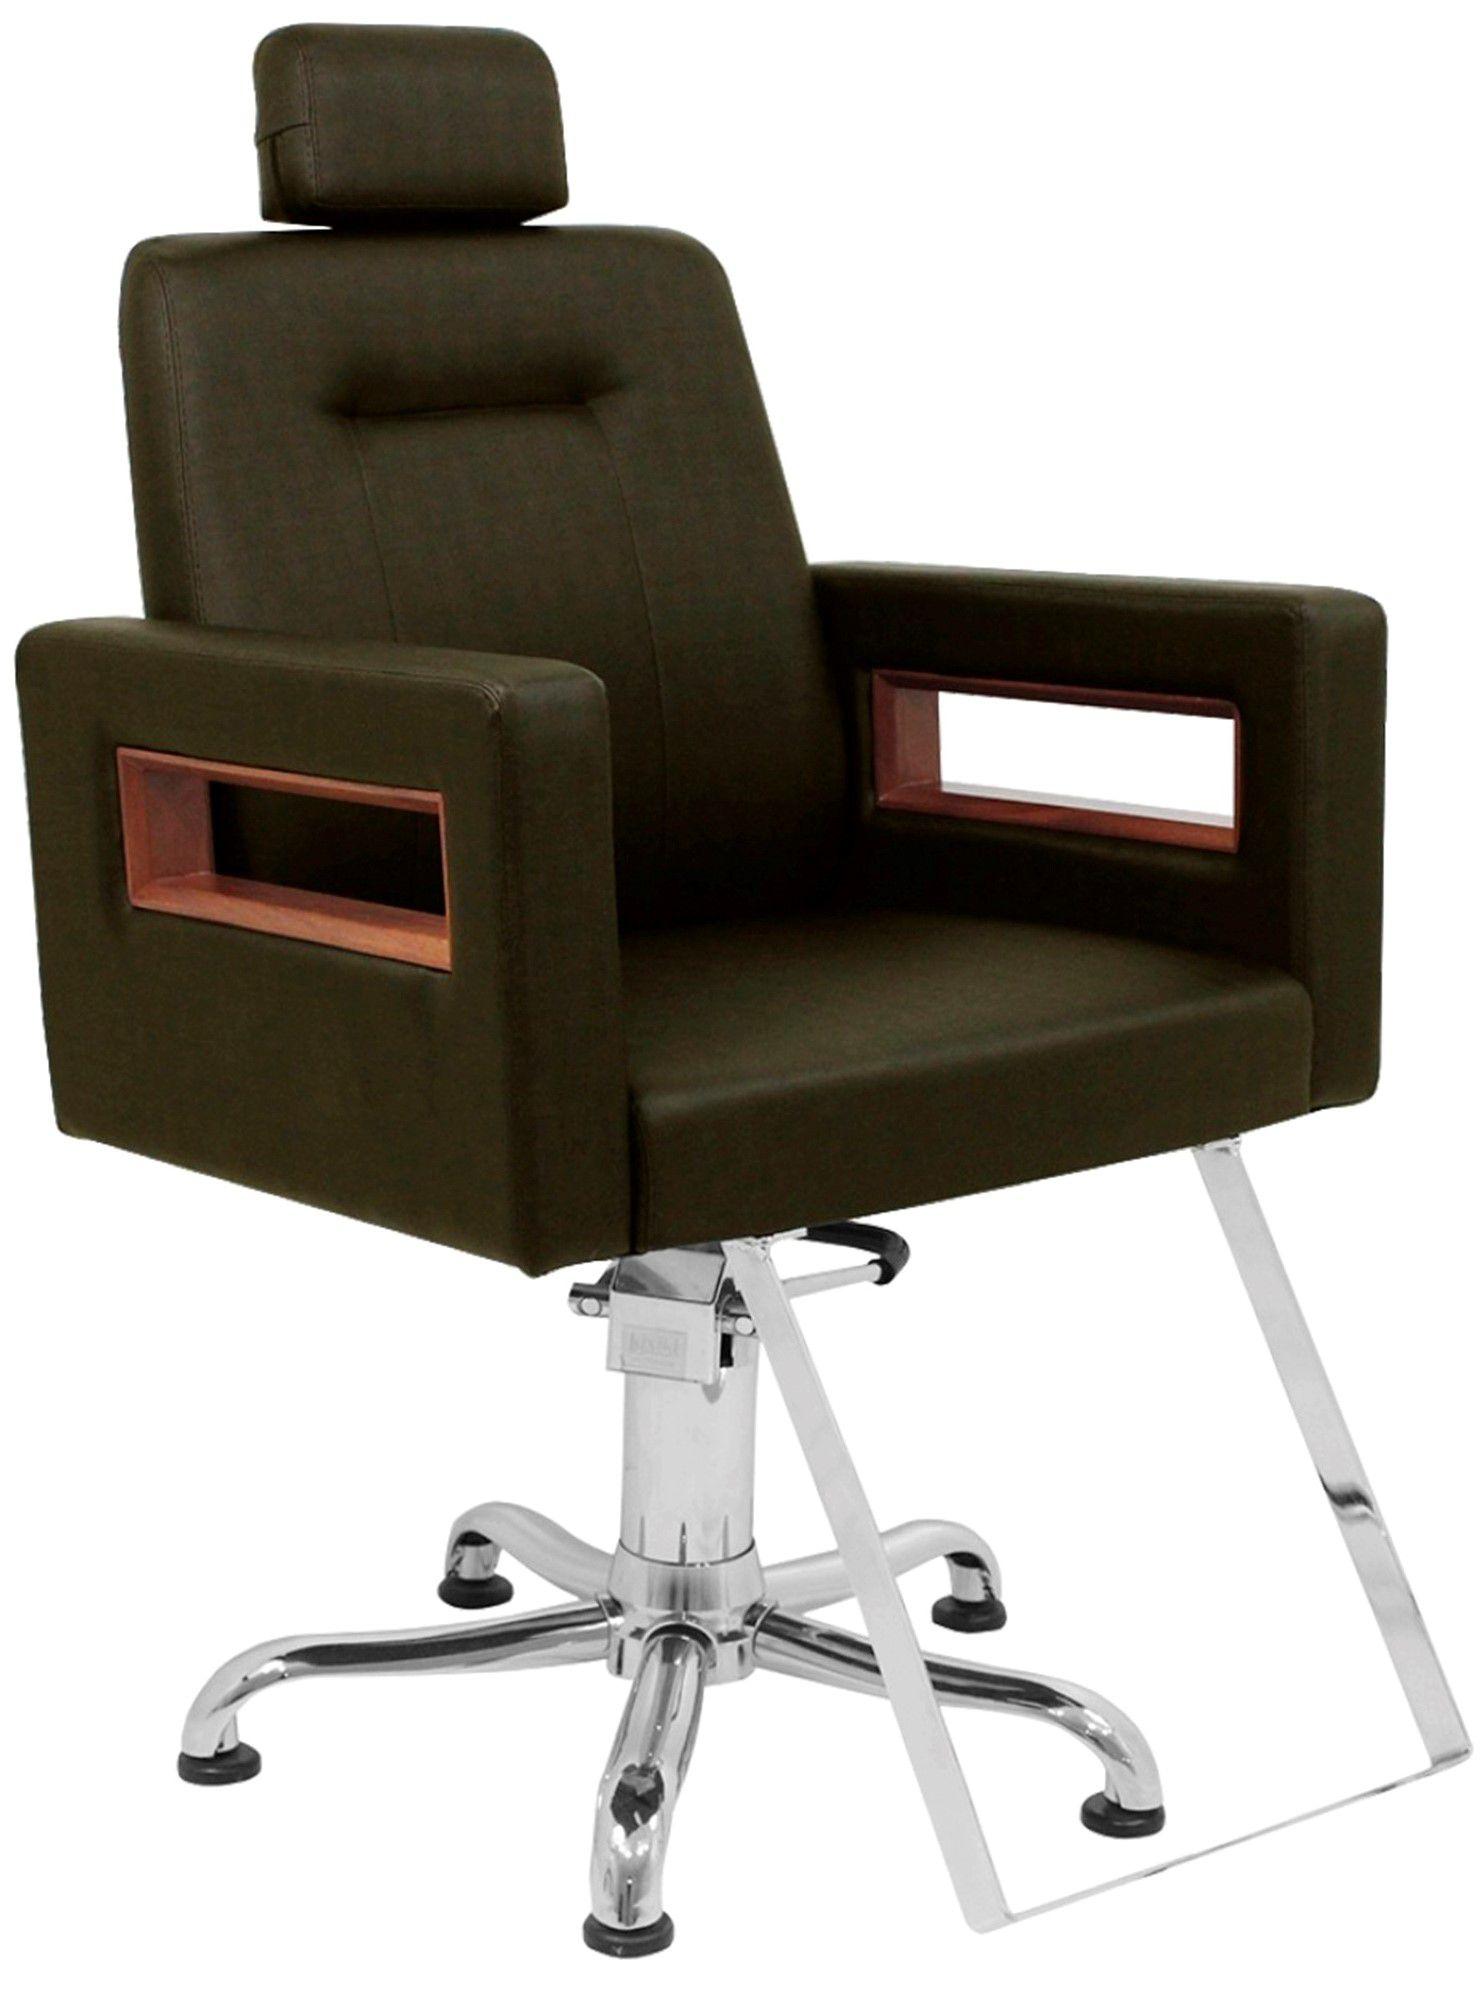 Cadeira Kixiki Lisboa com encosto fixo e cabeçote